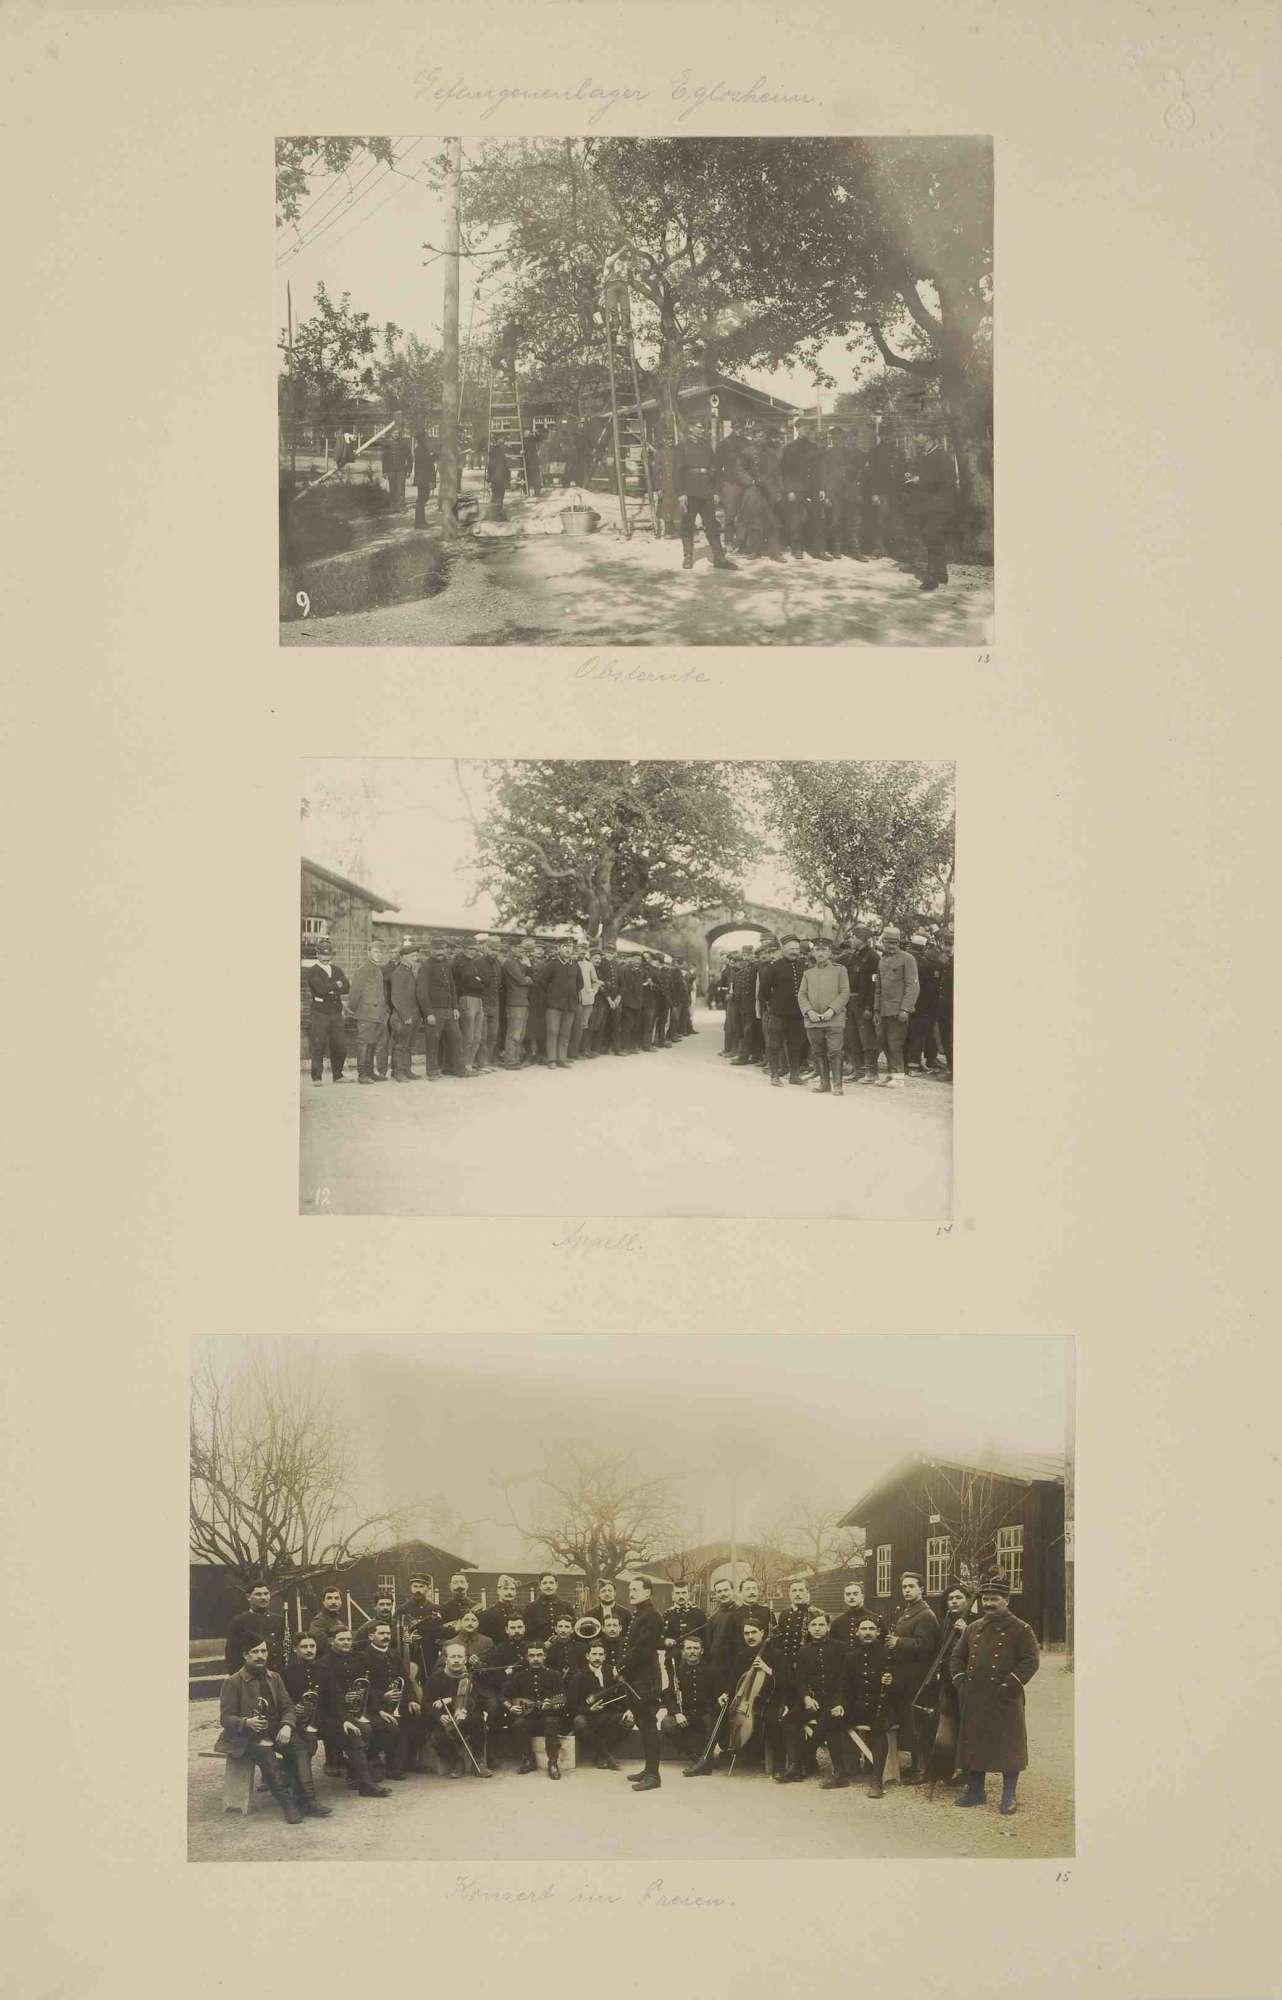 Kriegsgefangene bei Obsternte mit Leitern, Wachhabende, angetreten zum Appell und Konzert im Freien, Bild 1